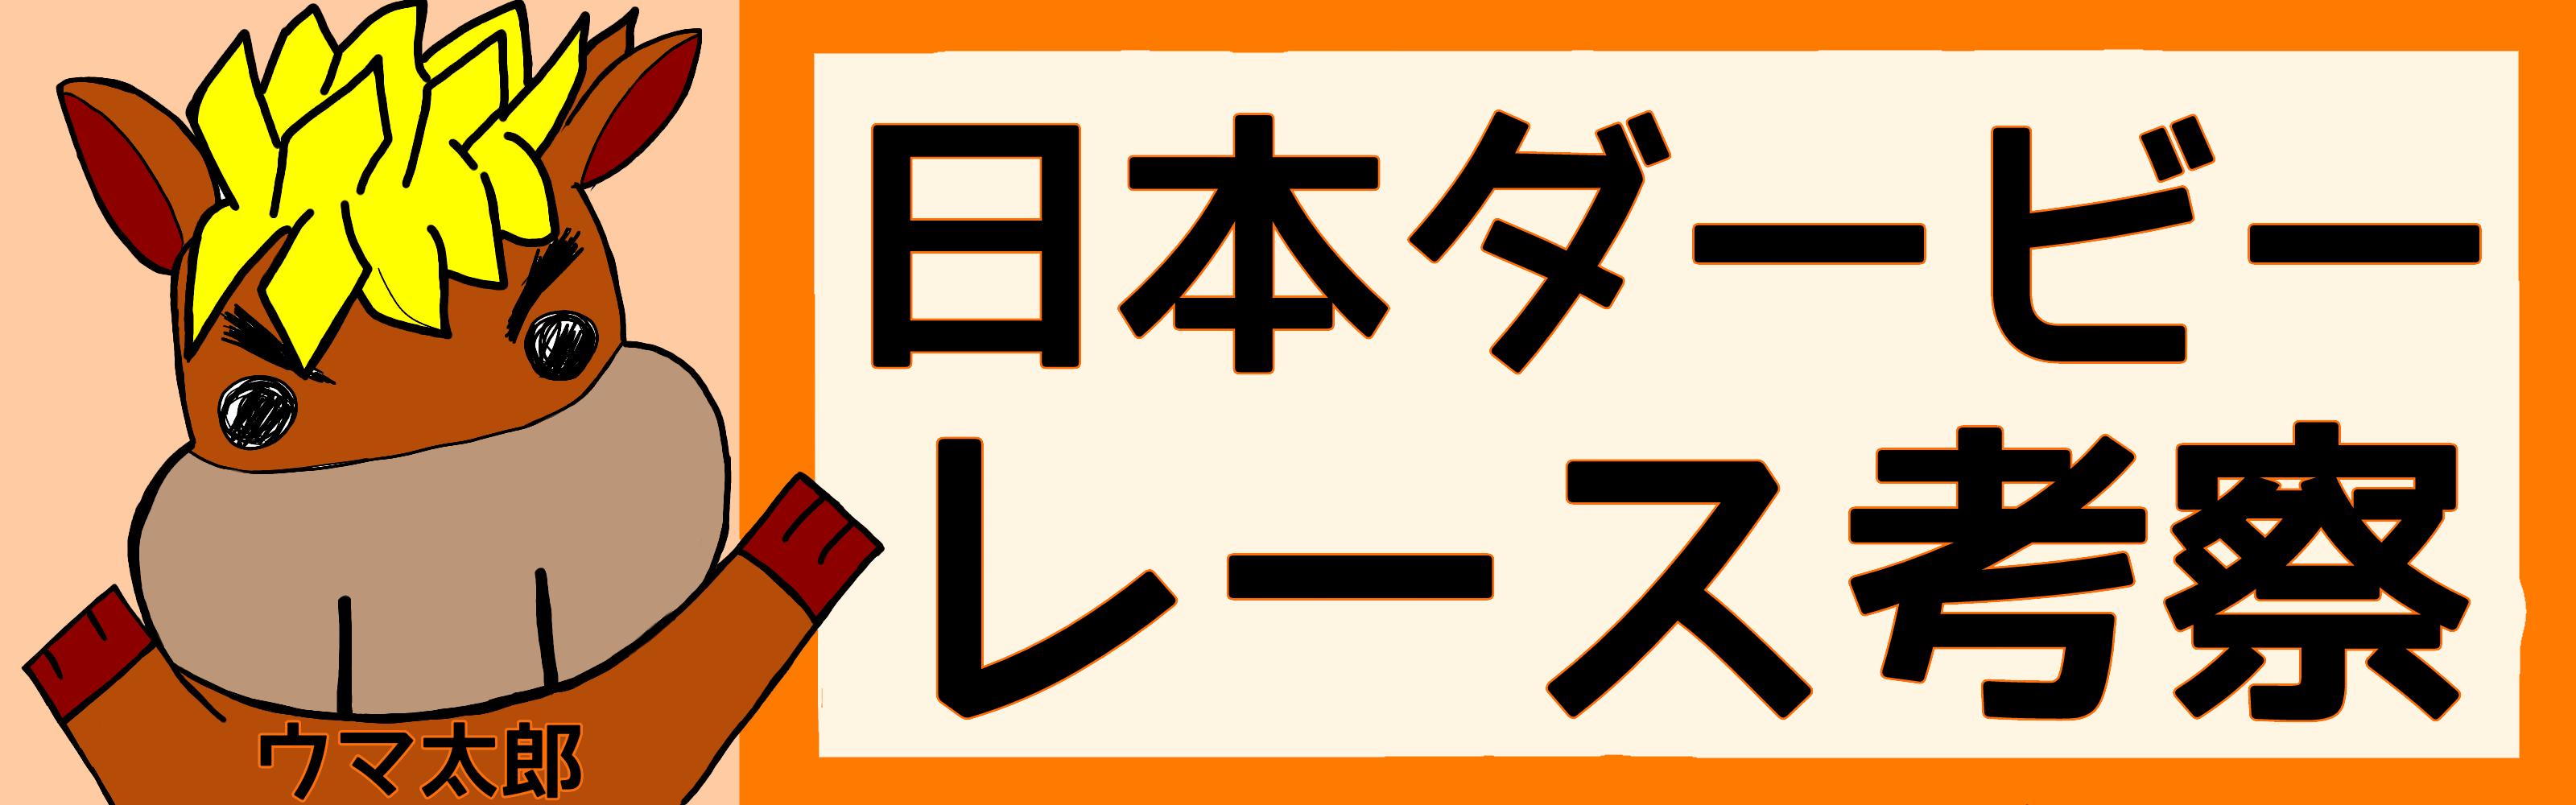 日本ダービー考察1